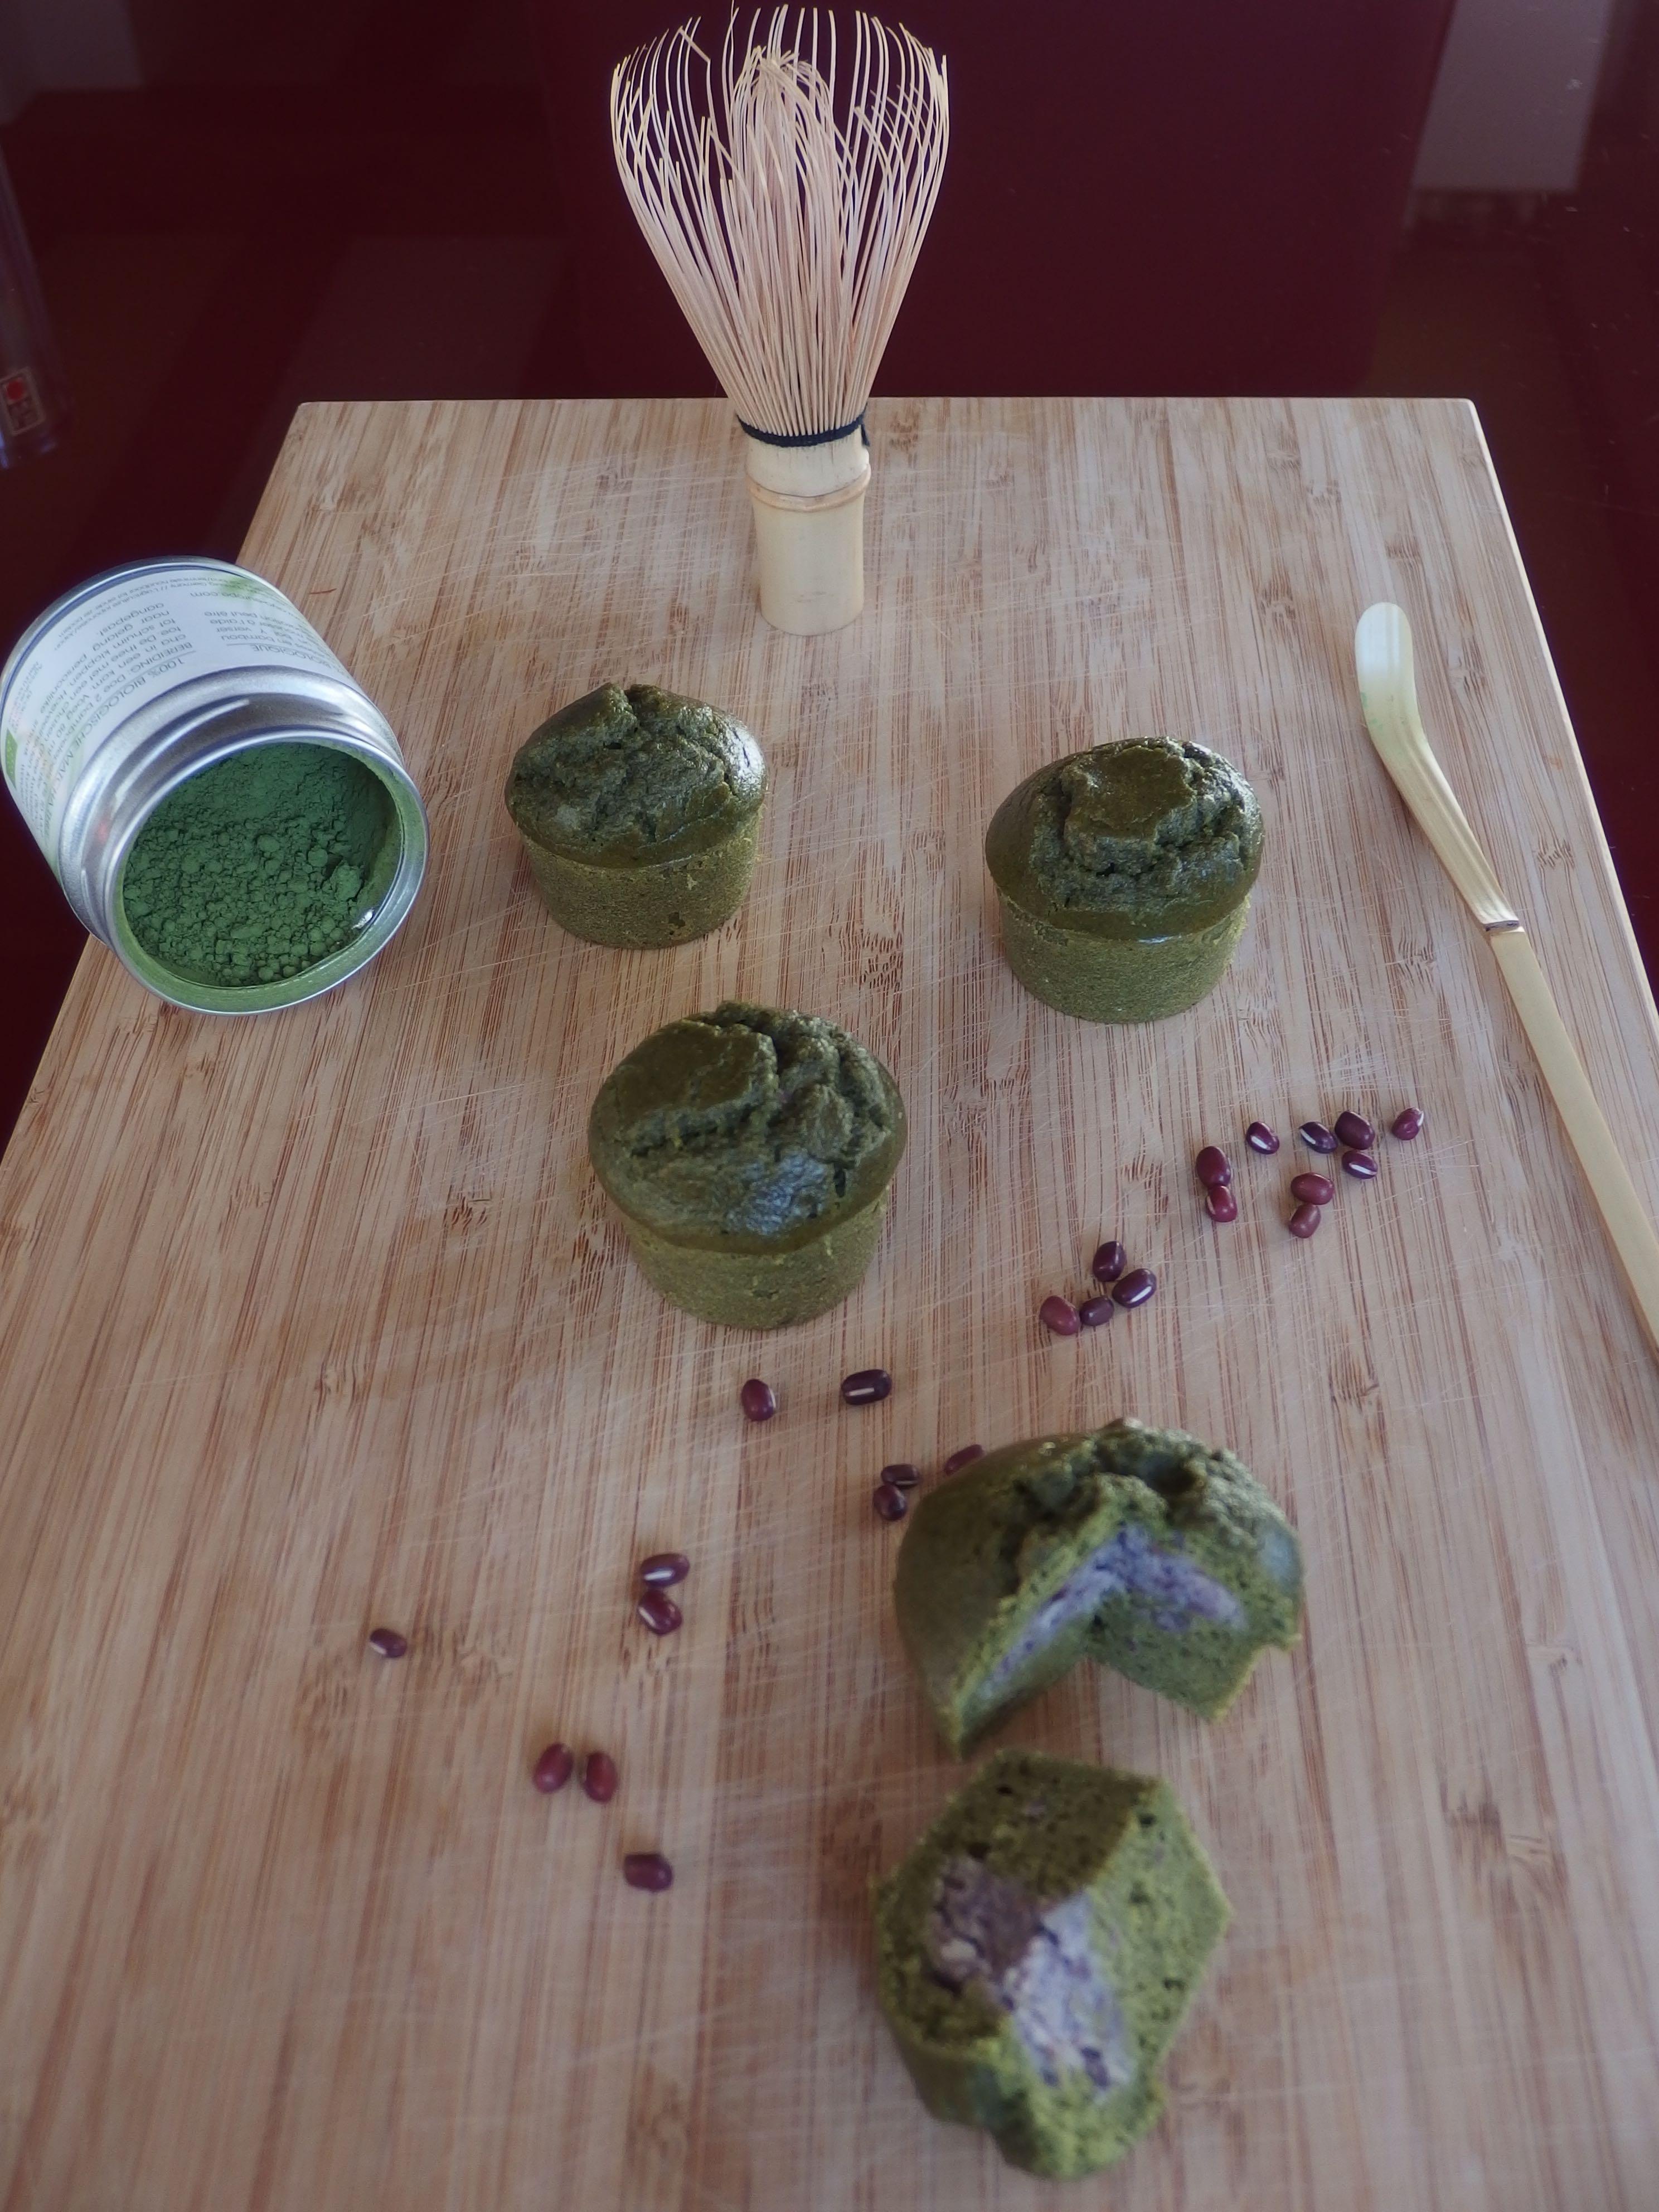 Retour en images cours de cuisine japonaise - Cours de cuisine japonaise lyon ...